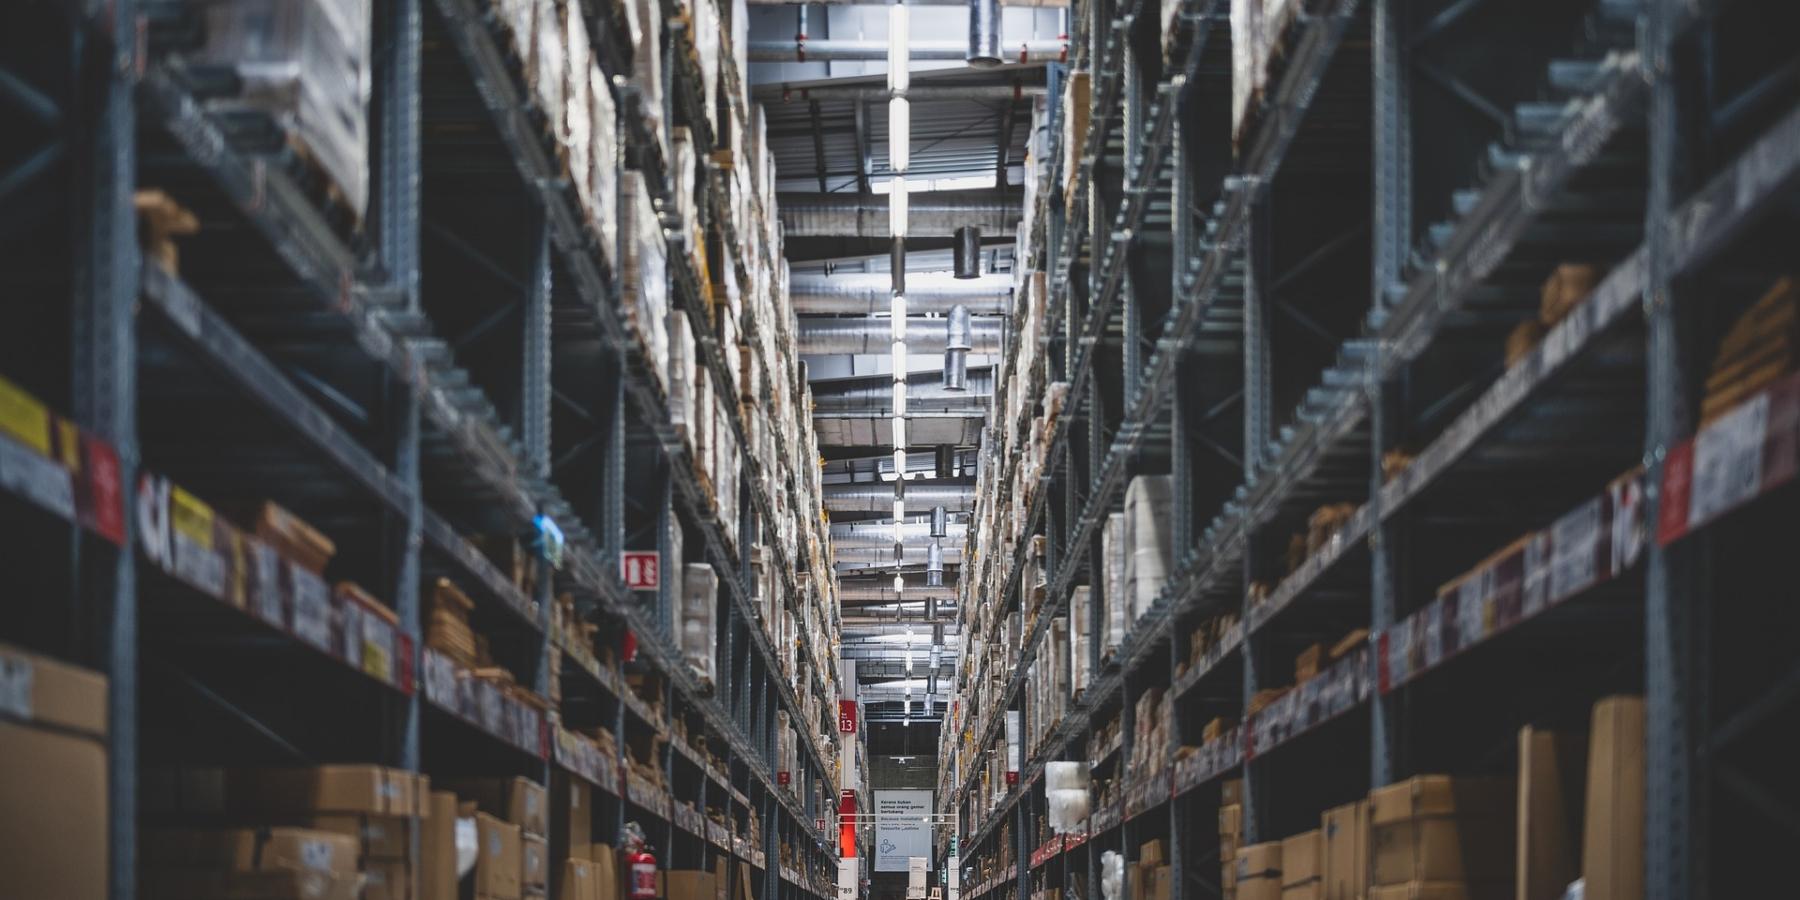 Zlinii produkcyjnej wprost doutylizacji. Brytyjskie media: Amazon niszczy miliony produktów